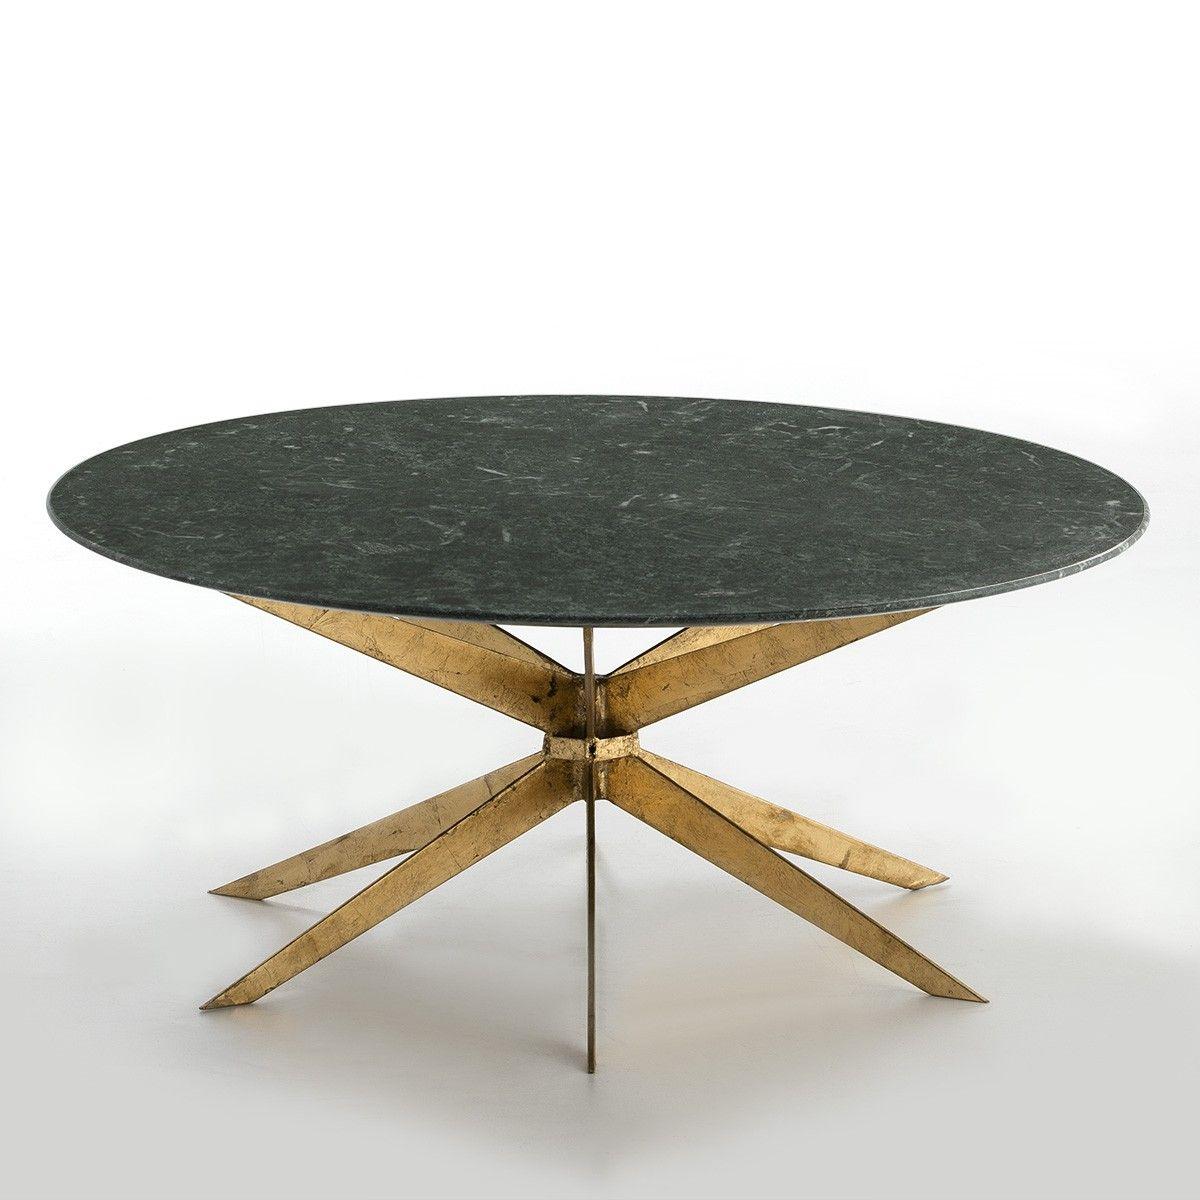 Thai Mobilier Table Basse Ronde Marbre Vert Et Metal Dore Thierry Lestendances Fr Table Basse Ronde Table Basse Marbre Vert